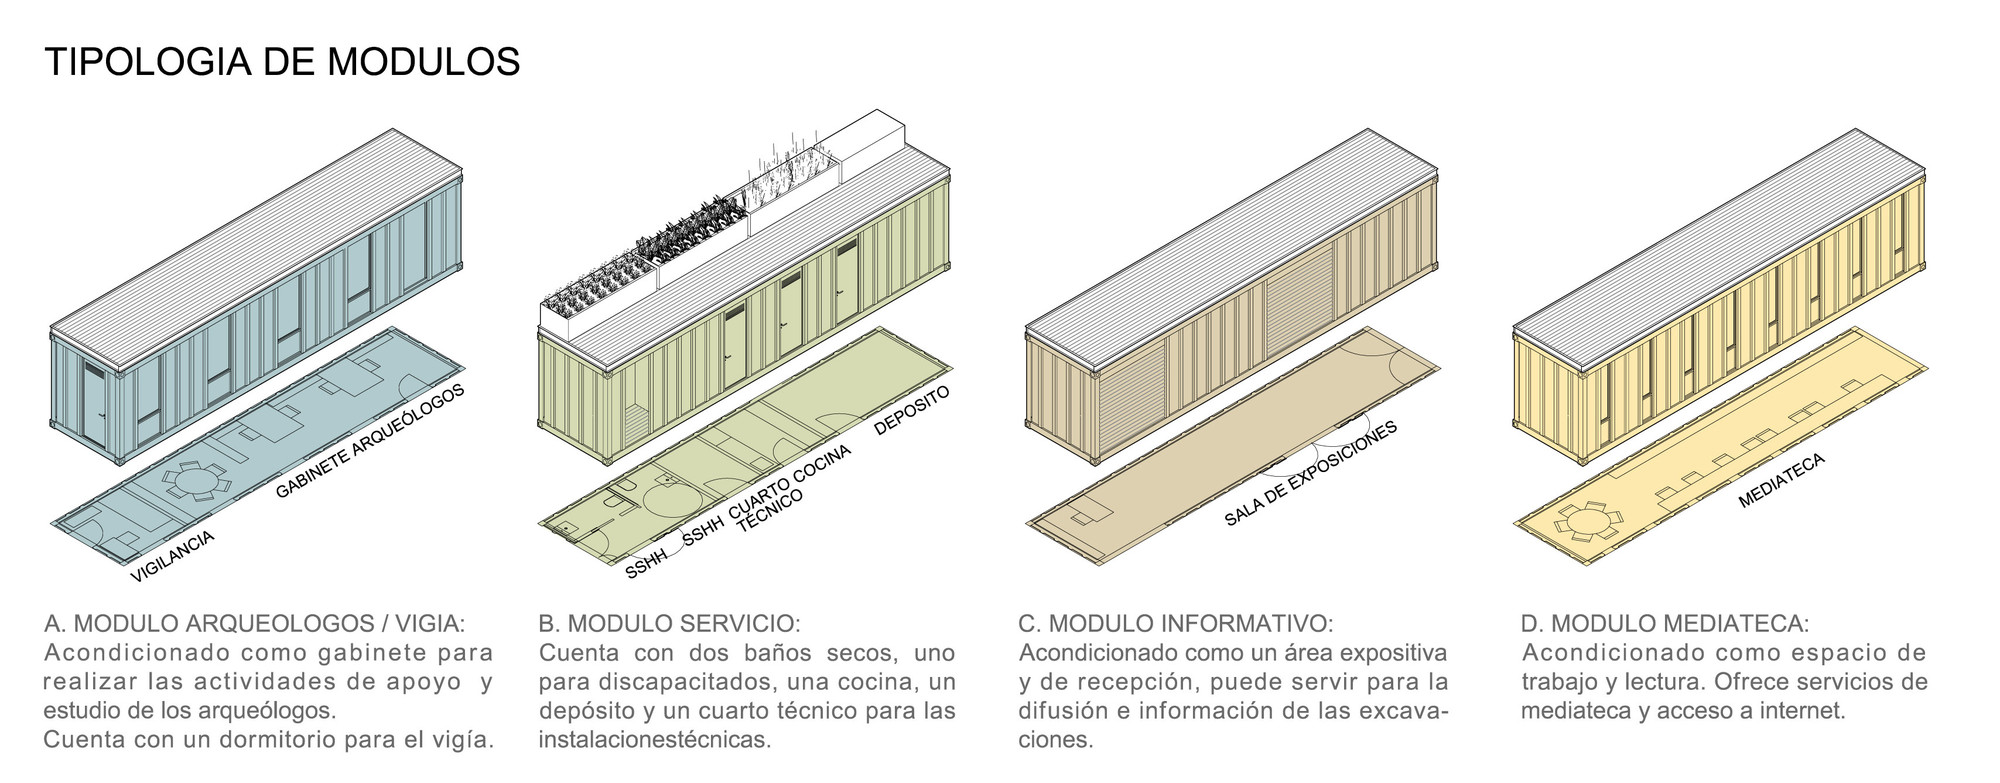 Tipología de módulos. Image Courtesy of José Bauer, Augusto Román